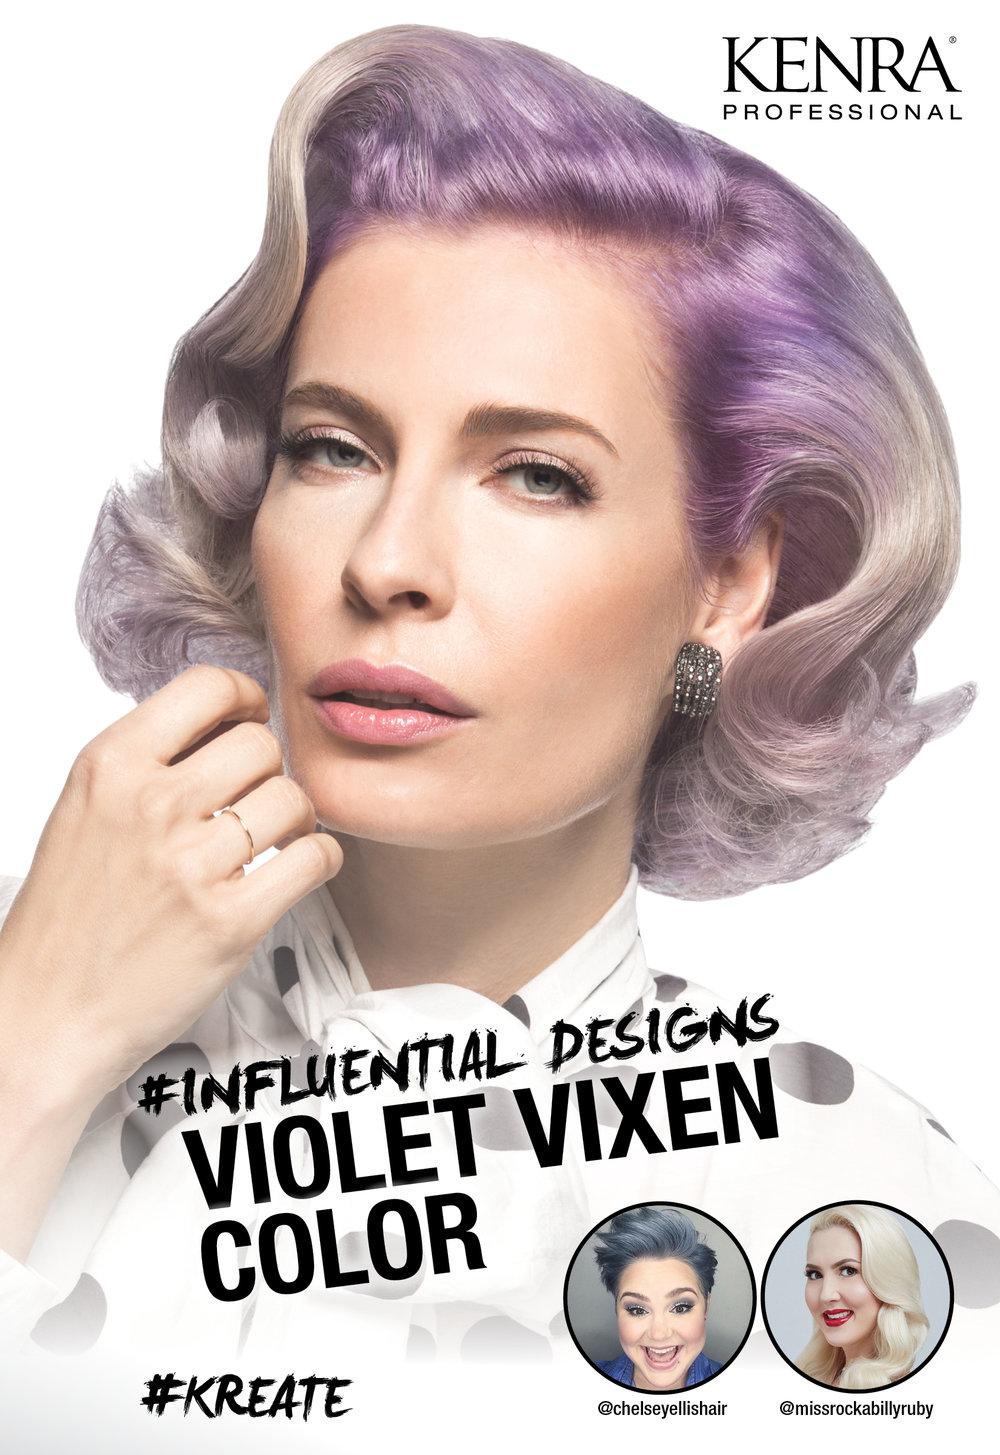 ID_VioletVixen_Color.jpg